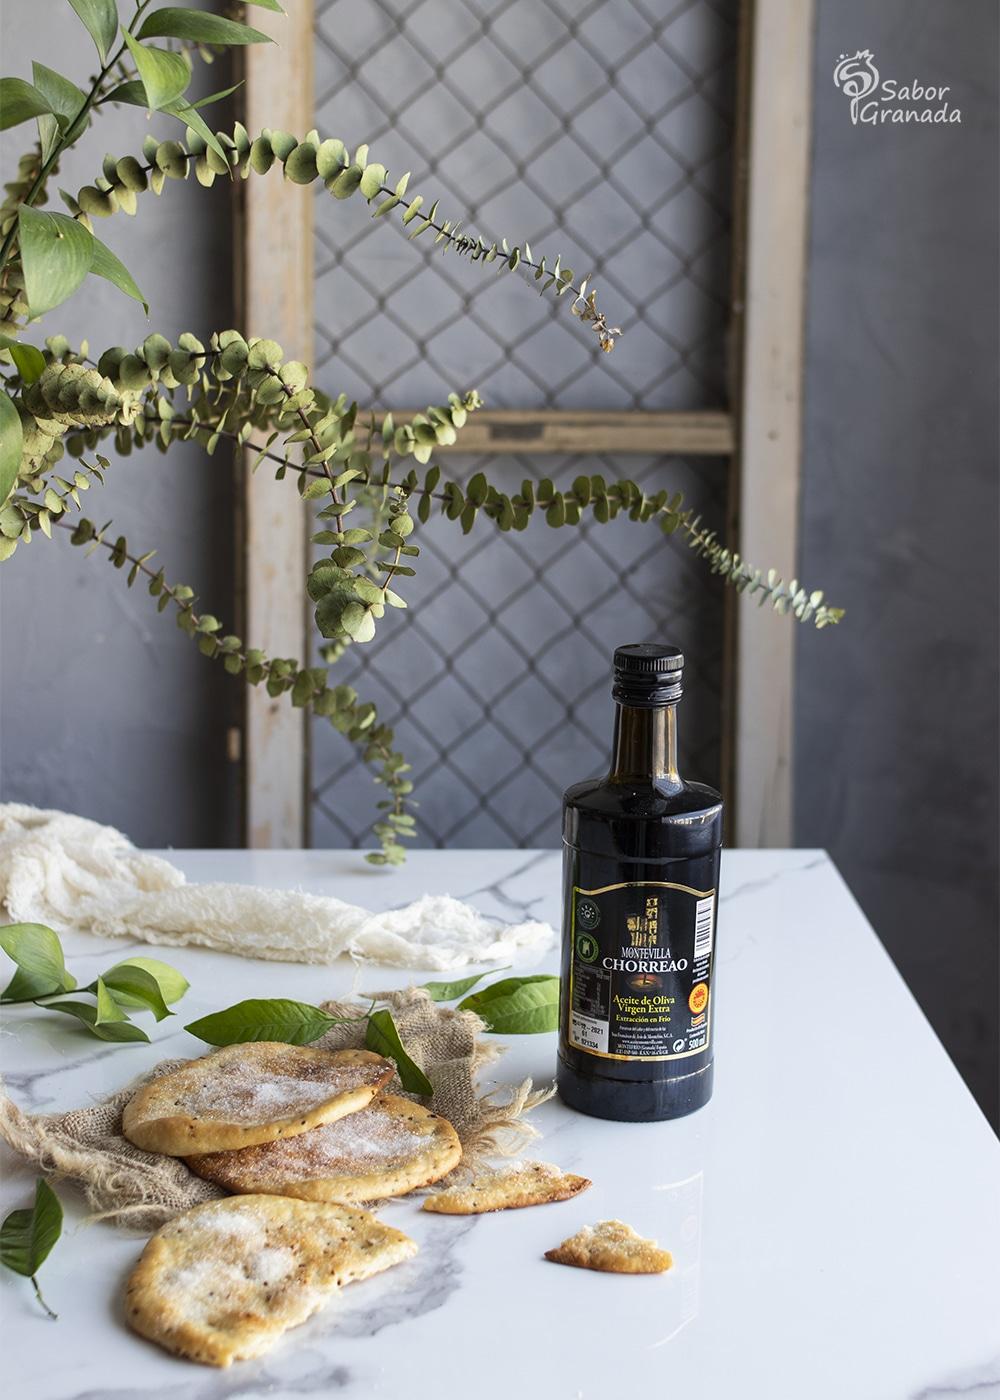 AOVE Montevilla Chorreao para hacer tortas de aceite - Sabor Granada